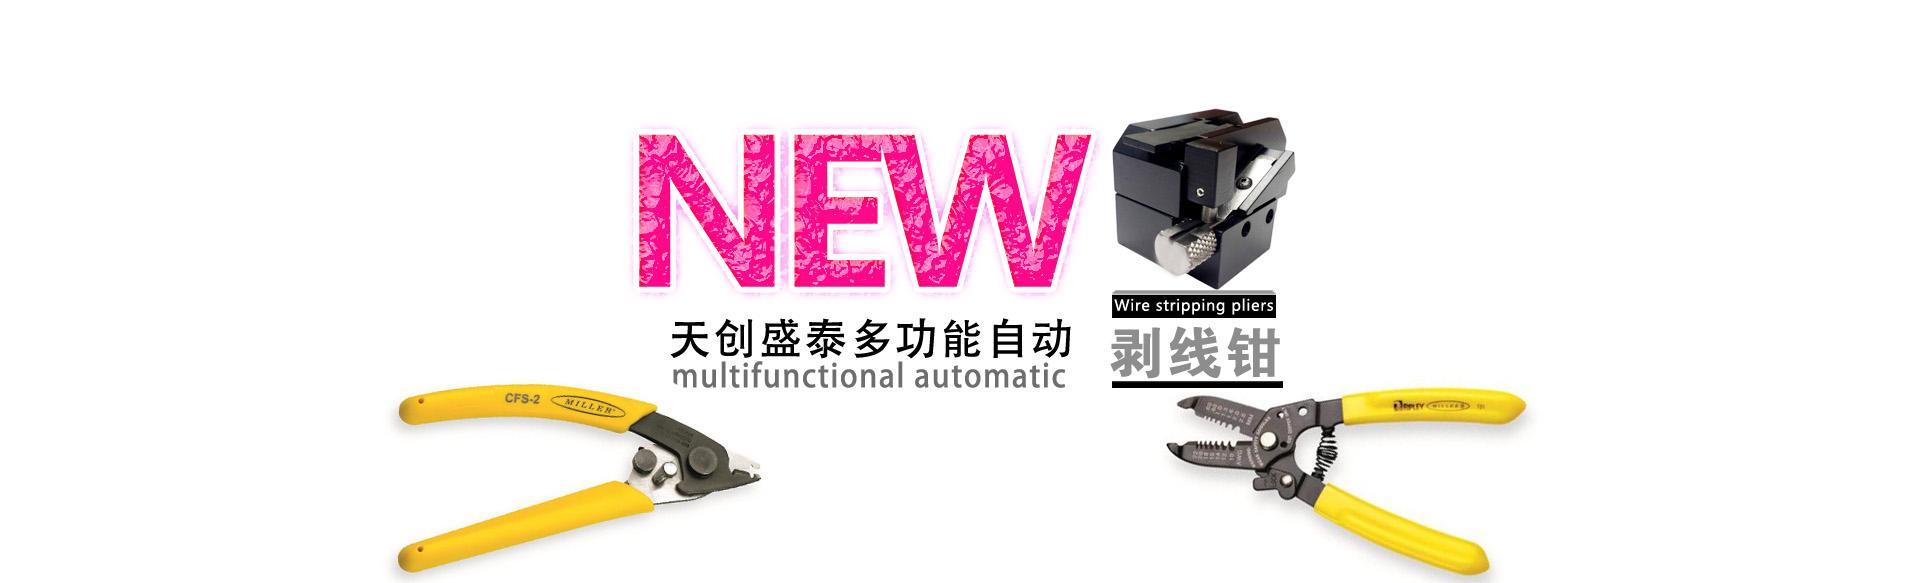 国家高新技术企业 中国知名品牌